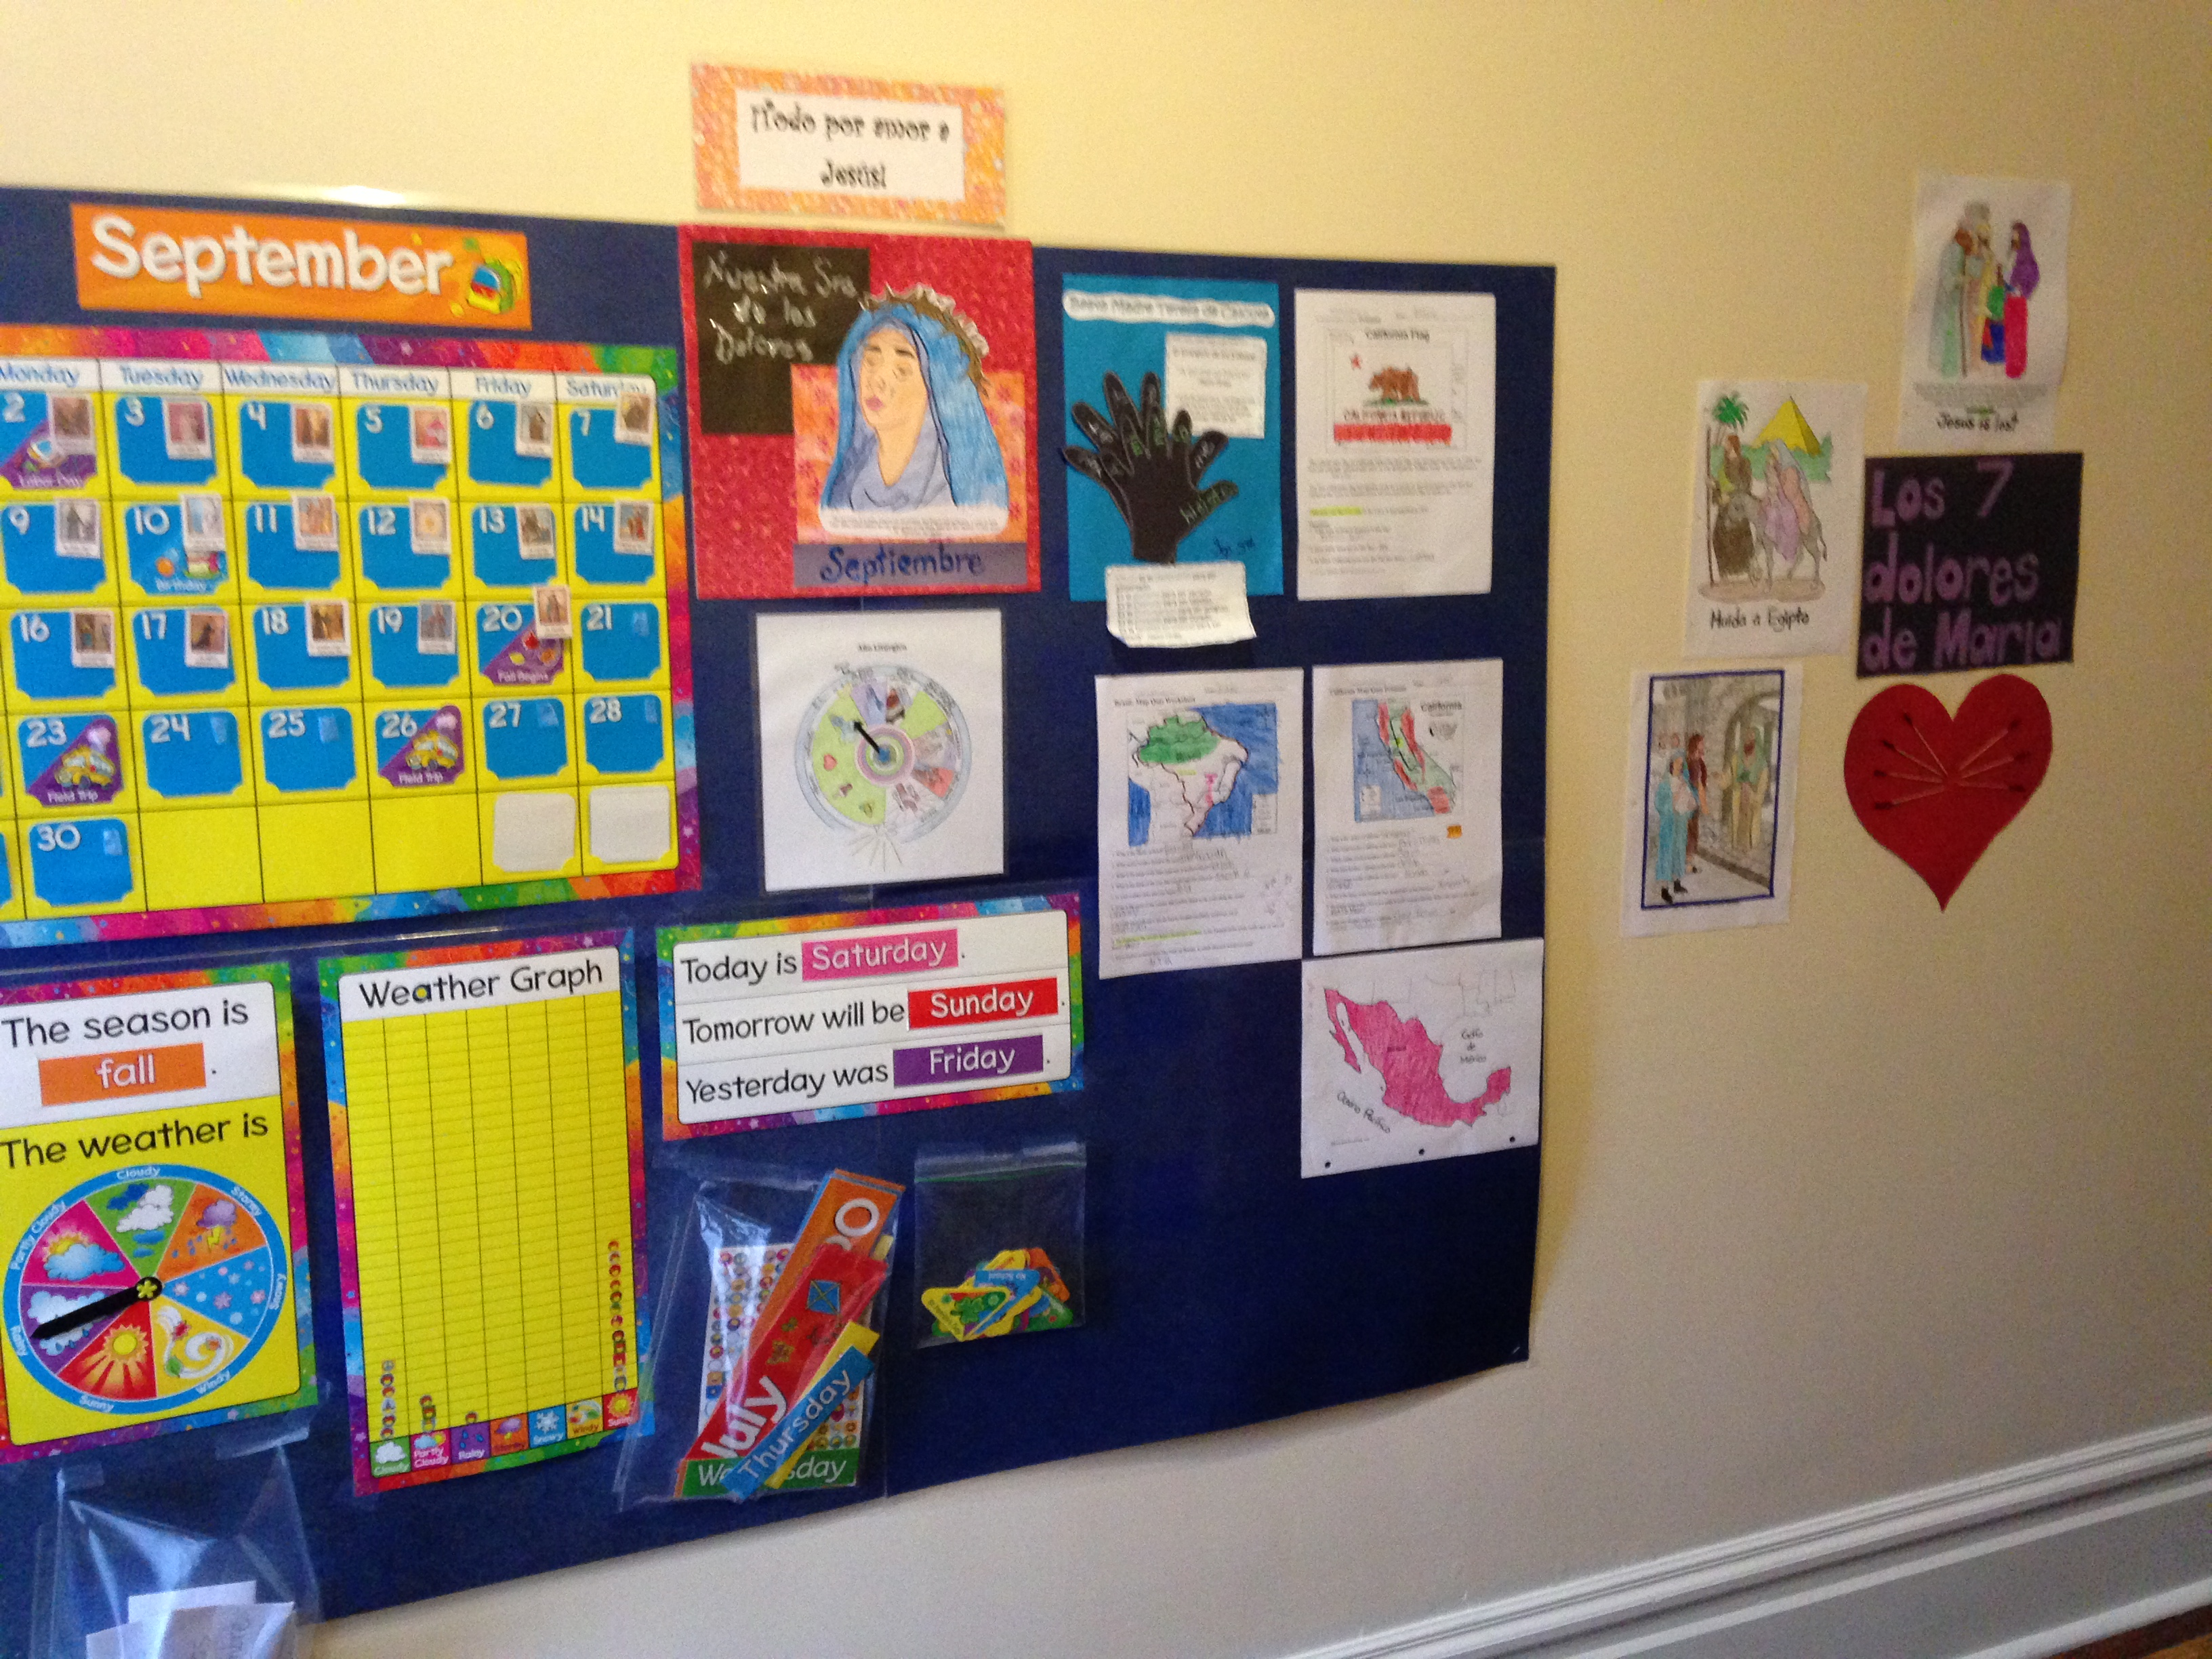 Calendario Para Ninos De Kinder.Calendario Educativo Catolico Para Kinder Y Primaria Basica